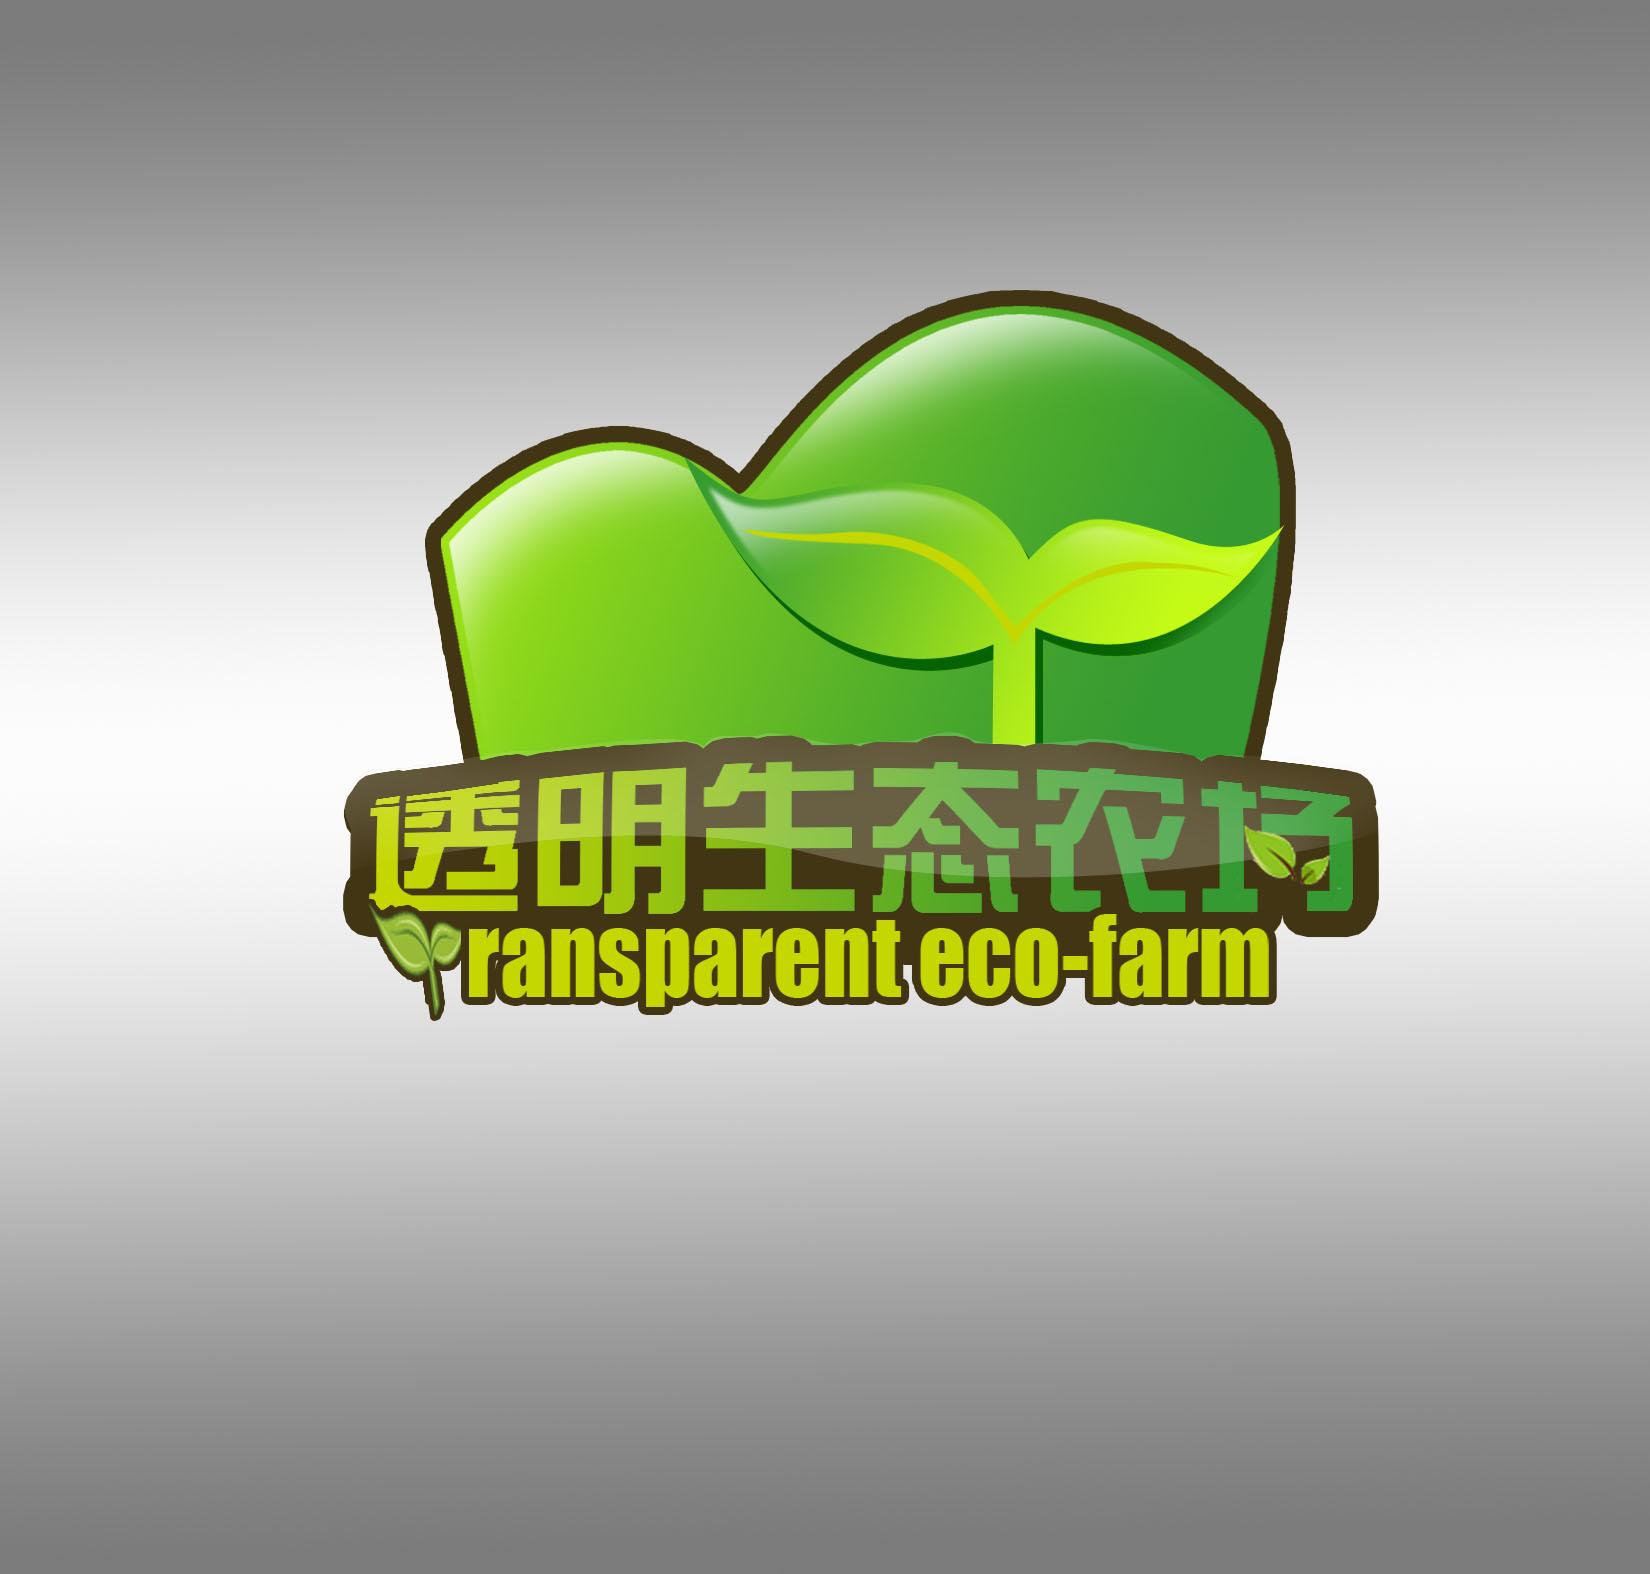 绿色卡通壁纸牛